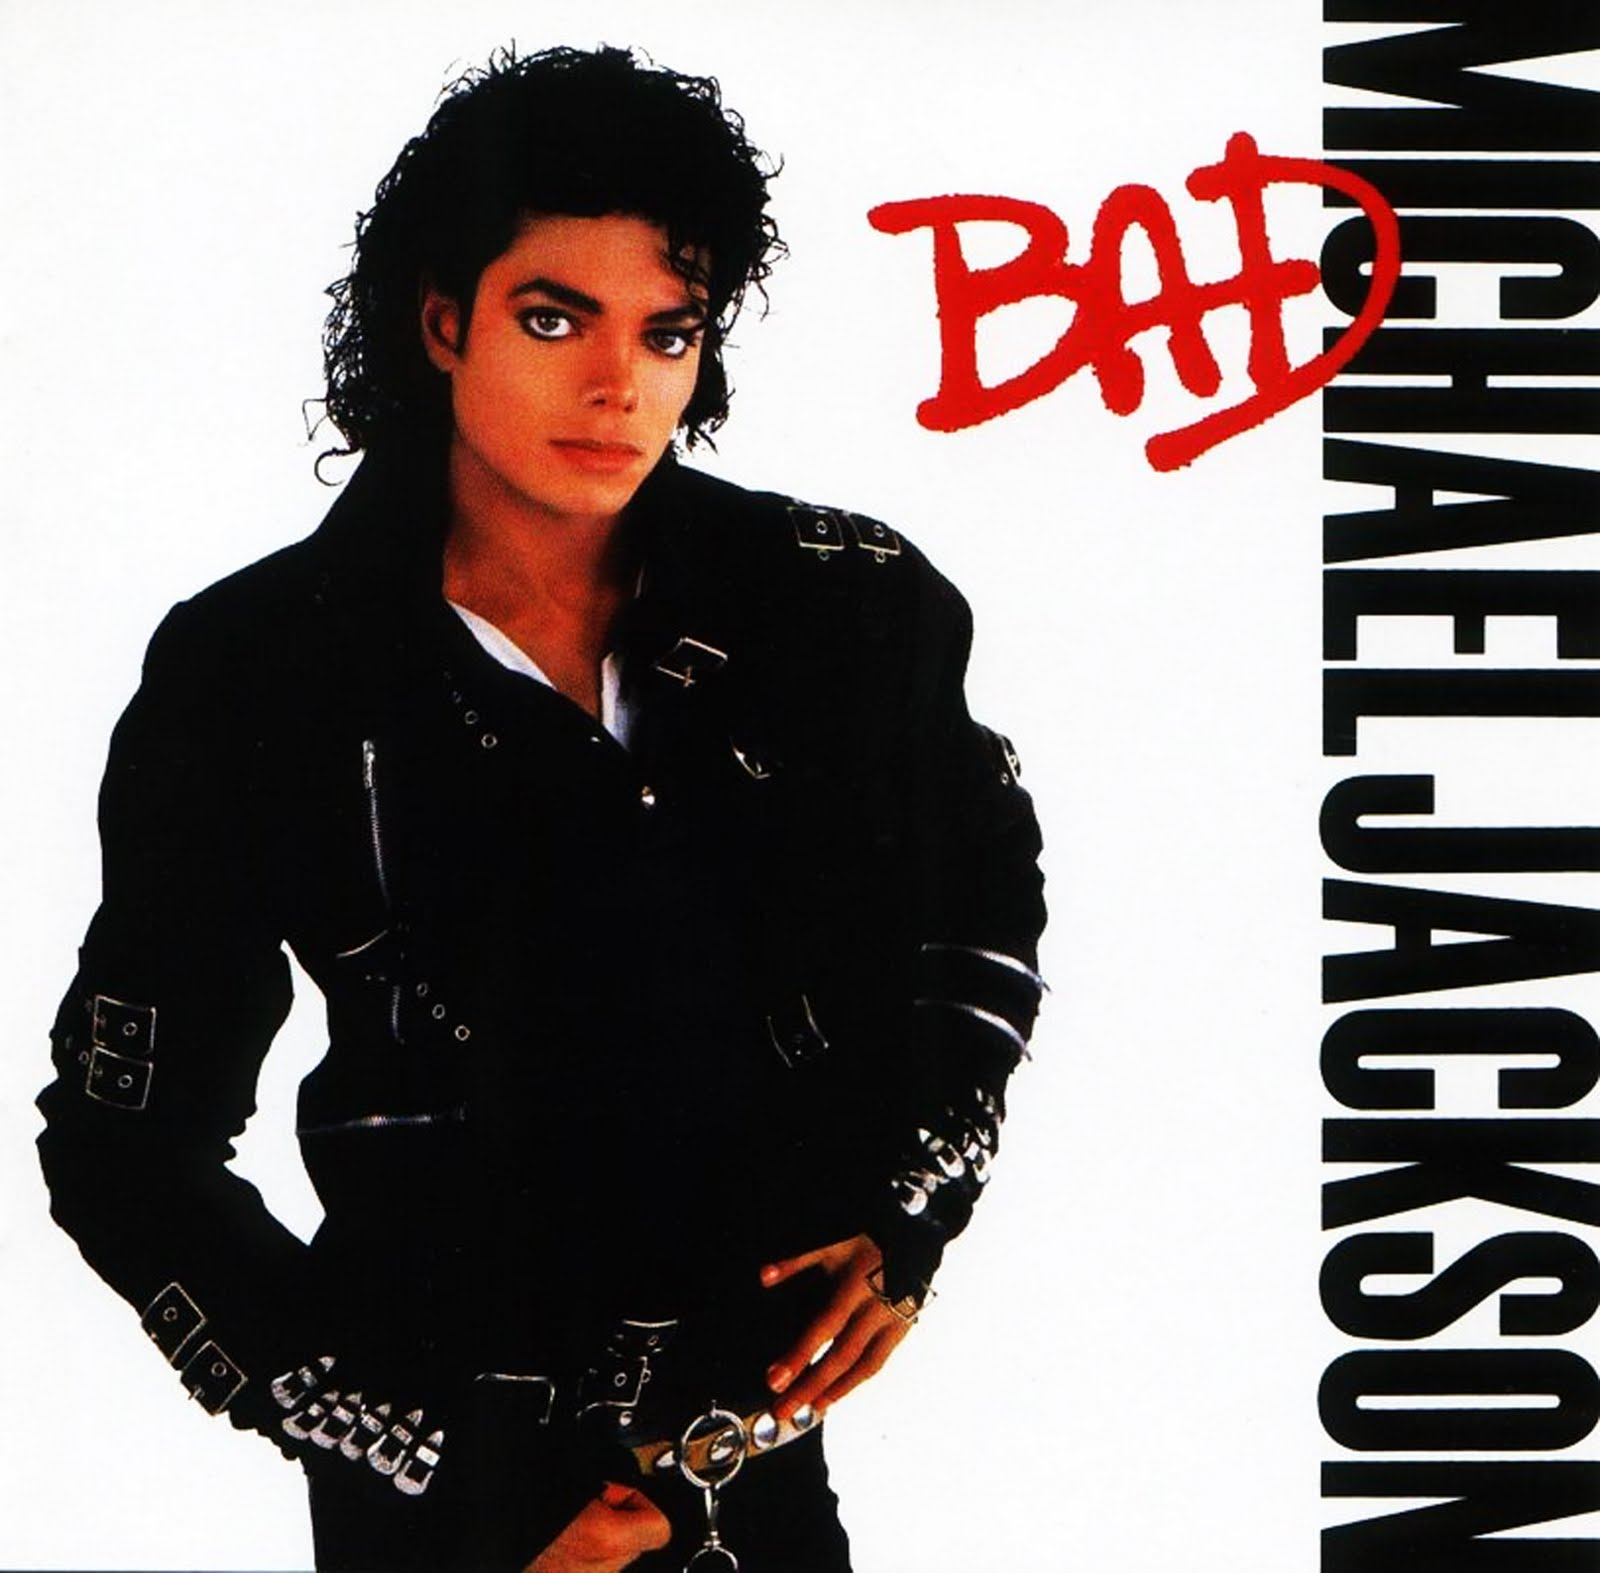 http://4.bp.blogspot.com/_f2iAGRf_Ioo/TJDw1n-TIeI/AAAAAAAABlQ/EmFzyL37tlw/s1600/00.+Michael+Jackson+-+Bad+-+Front.jpg